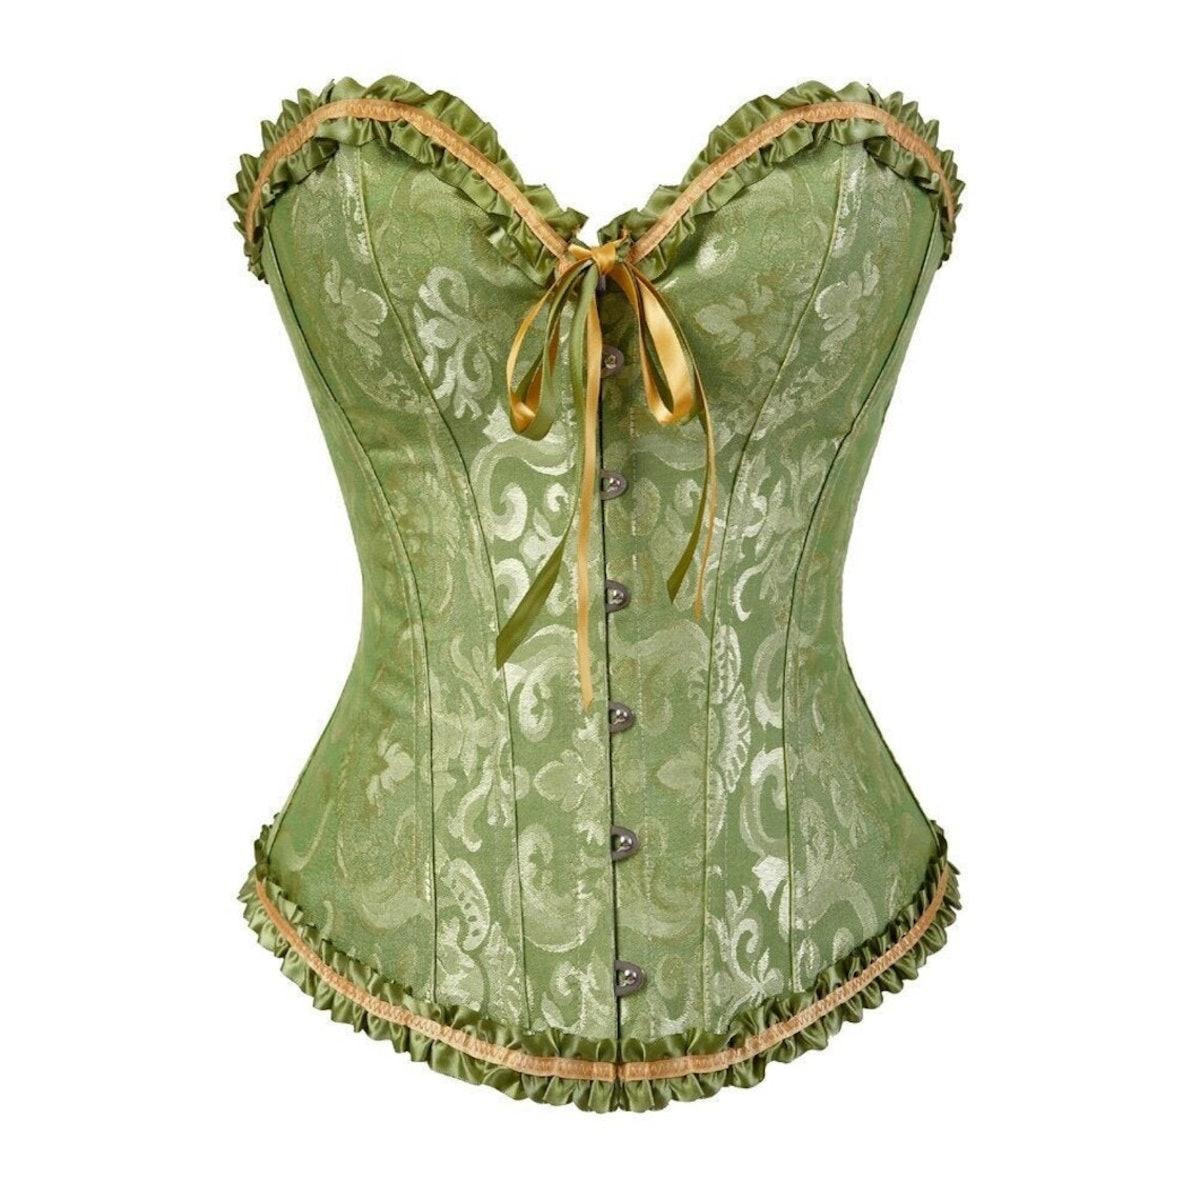 MadameLorrain Corset Underbust Lingerie Woman Renaissance Alt Aesthetic Victorian Plus Size Corset